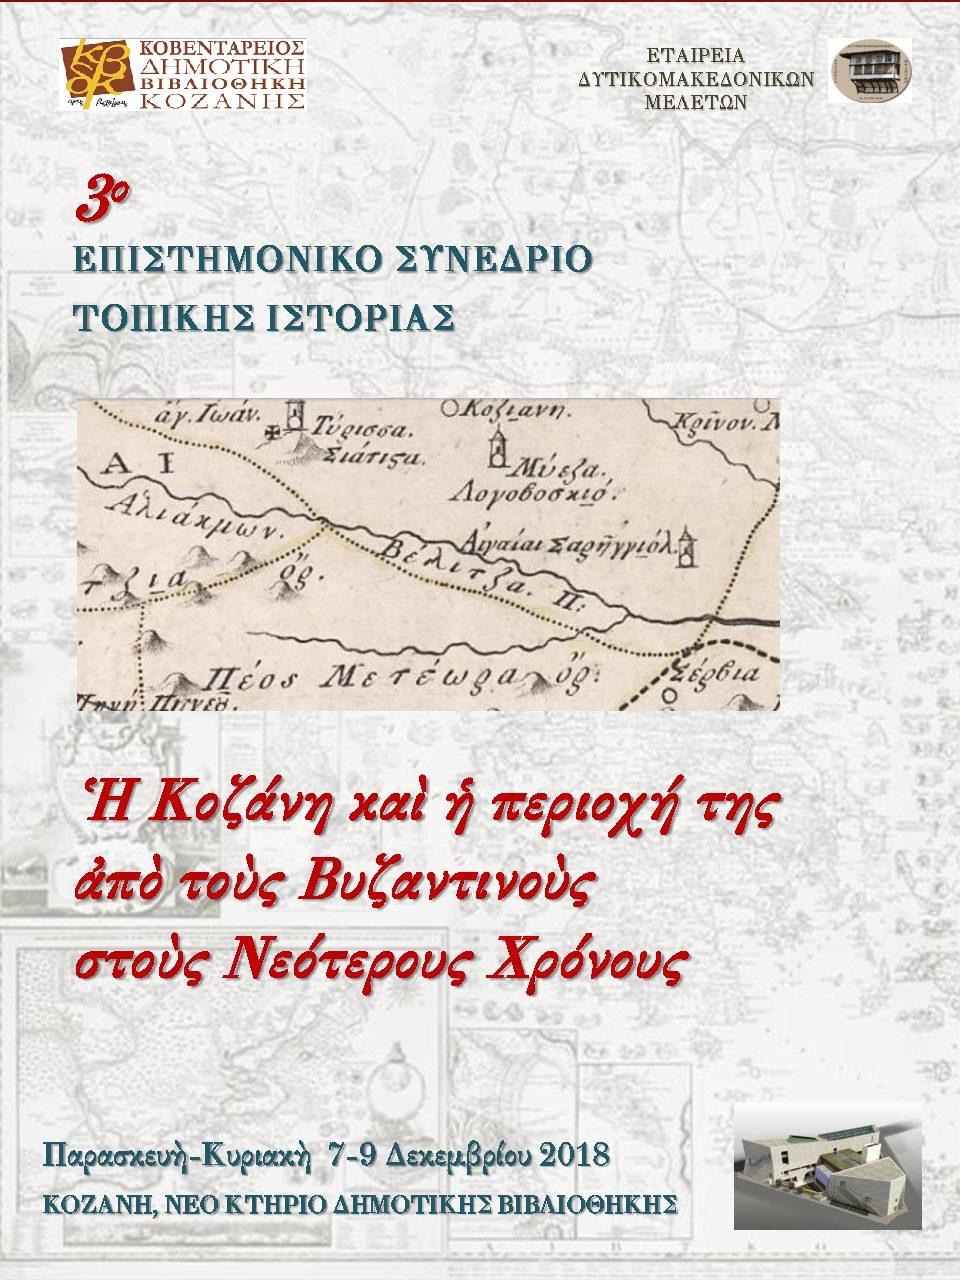 Γ΄ Συνέδριο Τοπικής Ιστορίας: «Η Κοζάνη και η περιοχή της από τους Βυζαντινούς στους Νεότερους Χρόνους»  | 7-9 Δεκεμβρίου ΚΔΒΚ